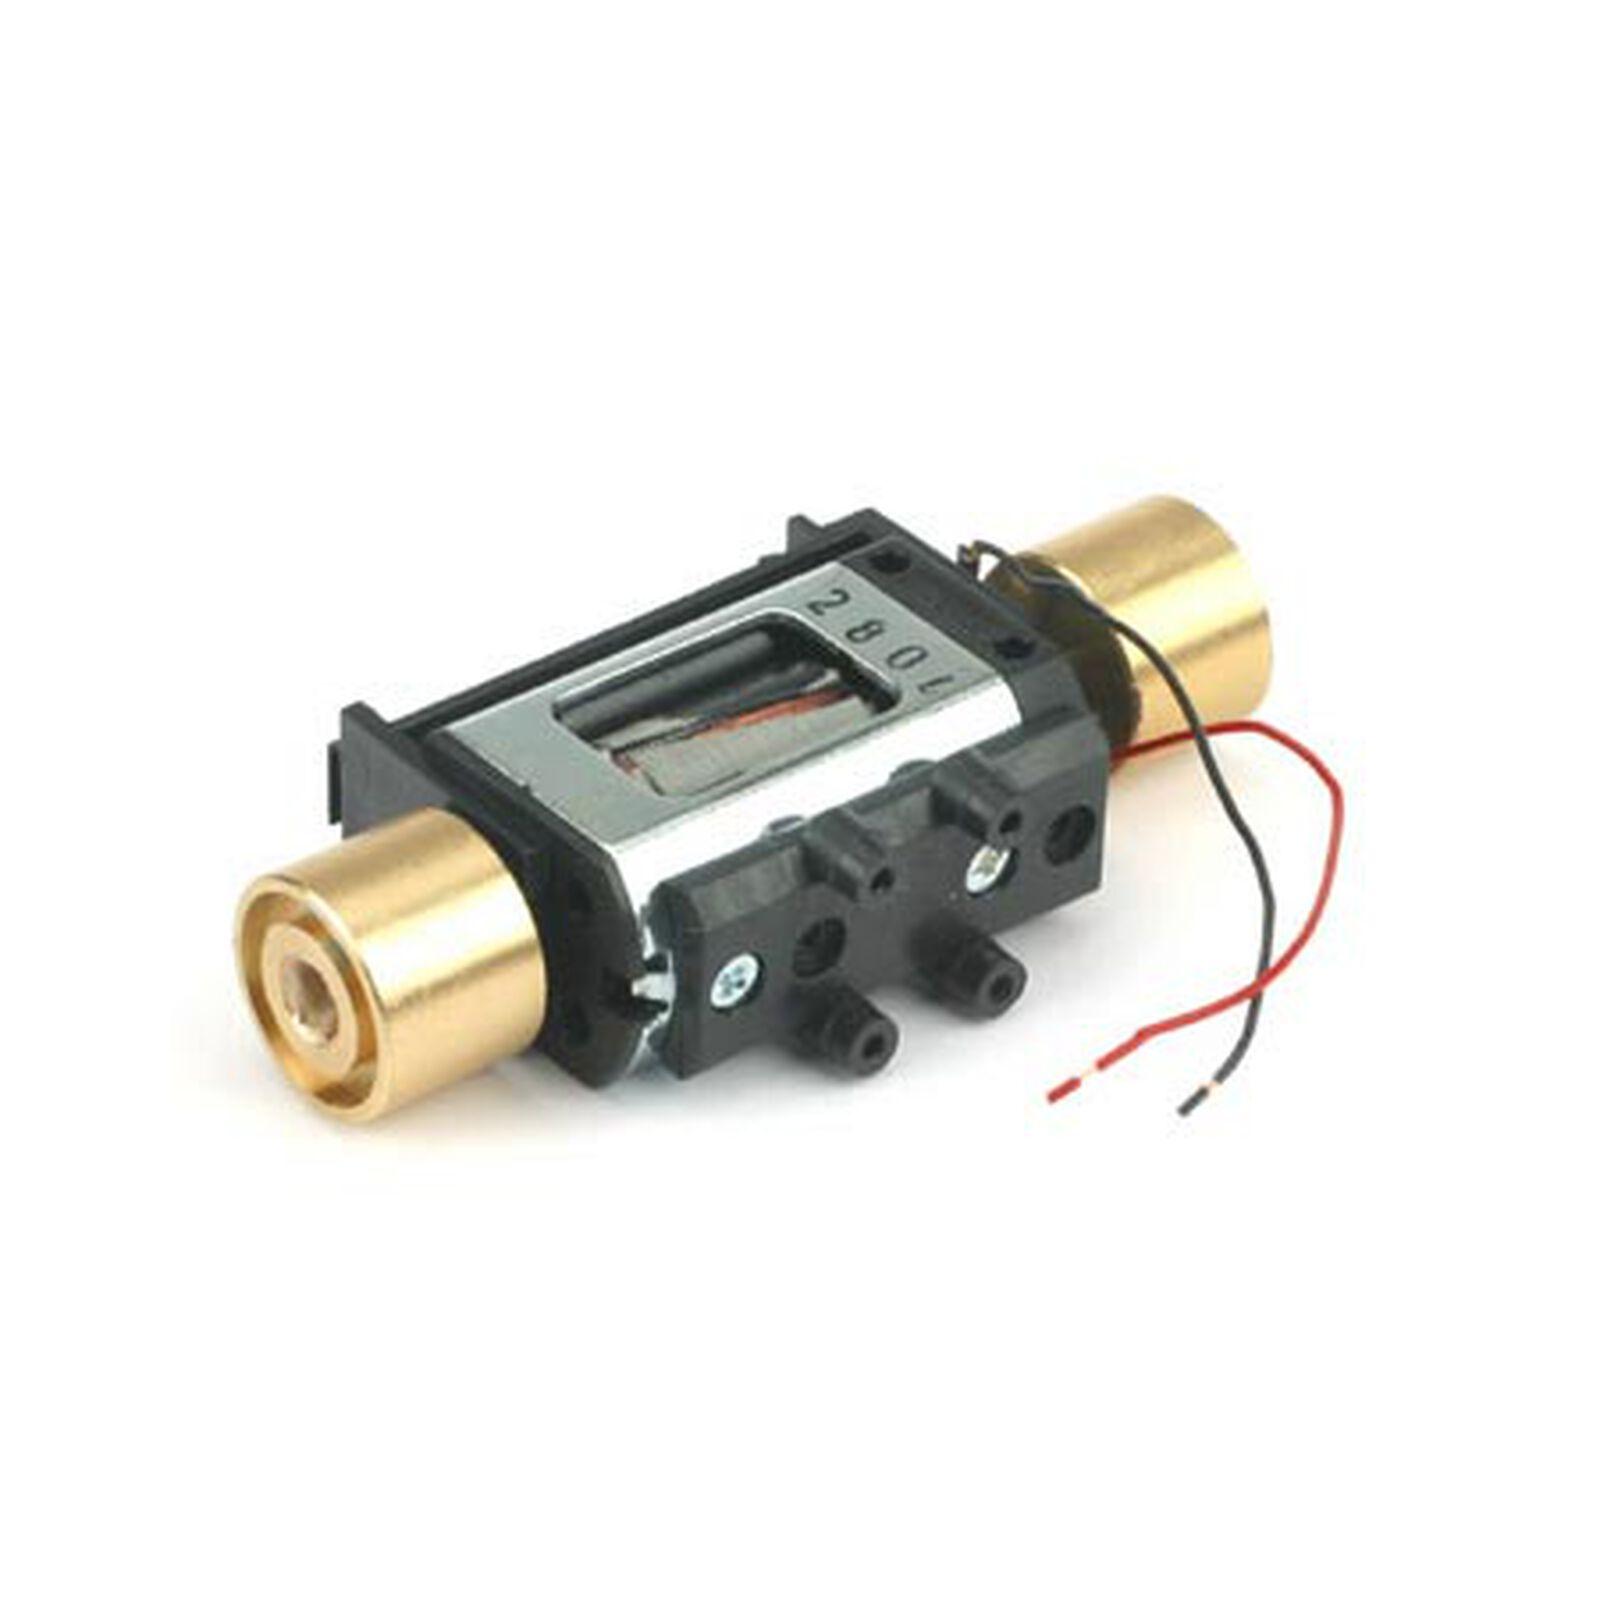 HO Genesis Motor with Flywheels (1)